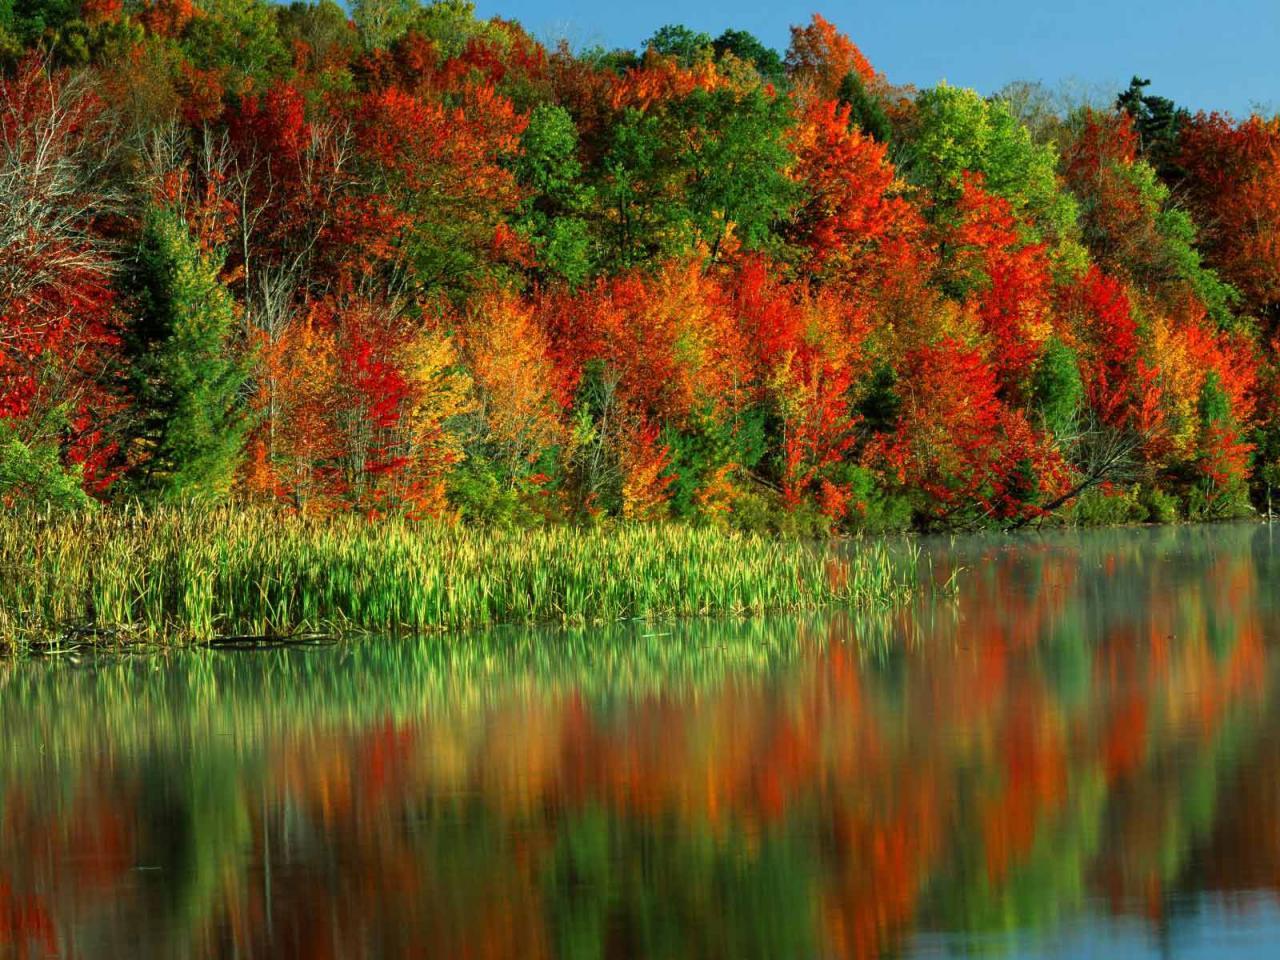 fall colors desktop wallpaper   wwwwallpapers in hdcom 1280x960